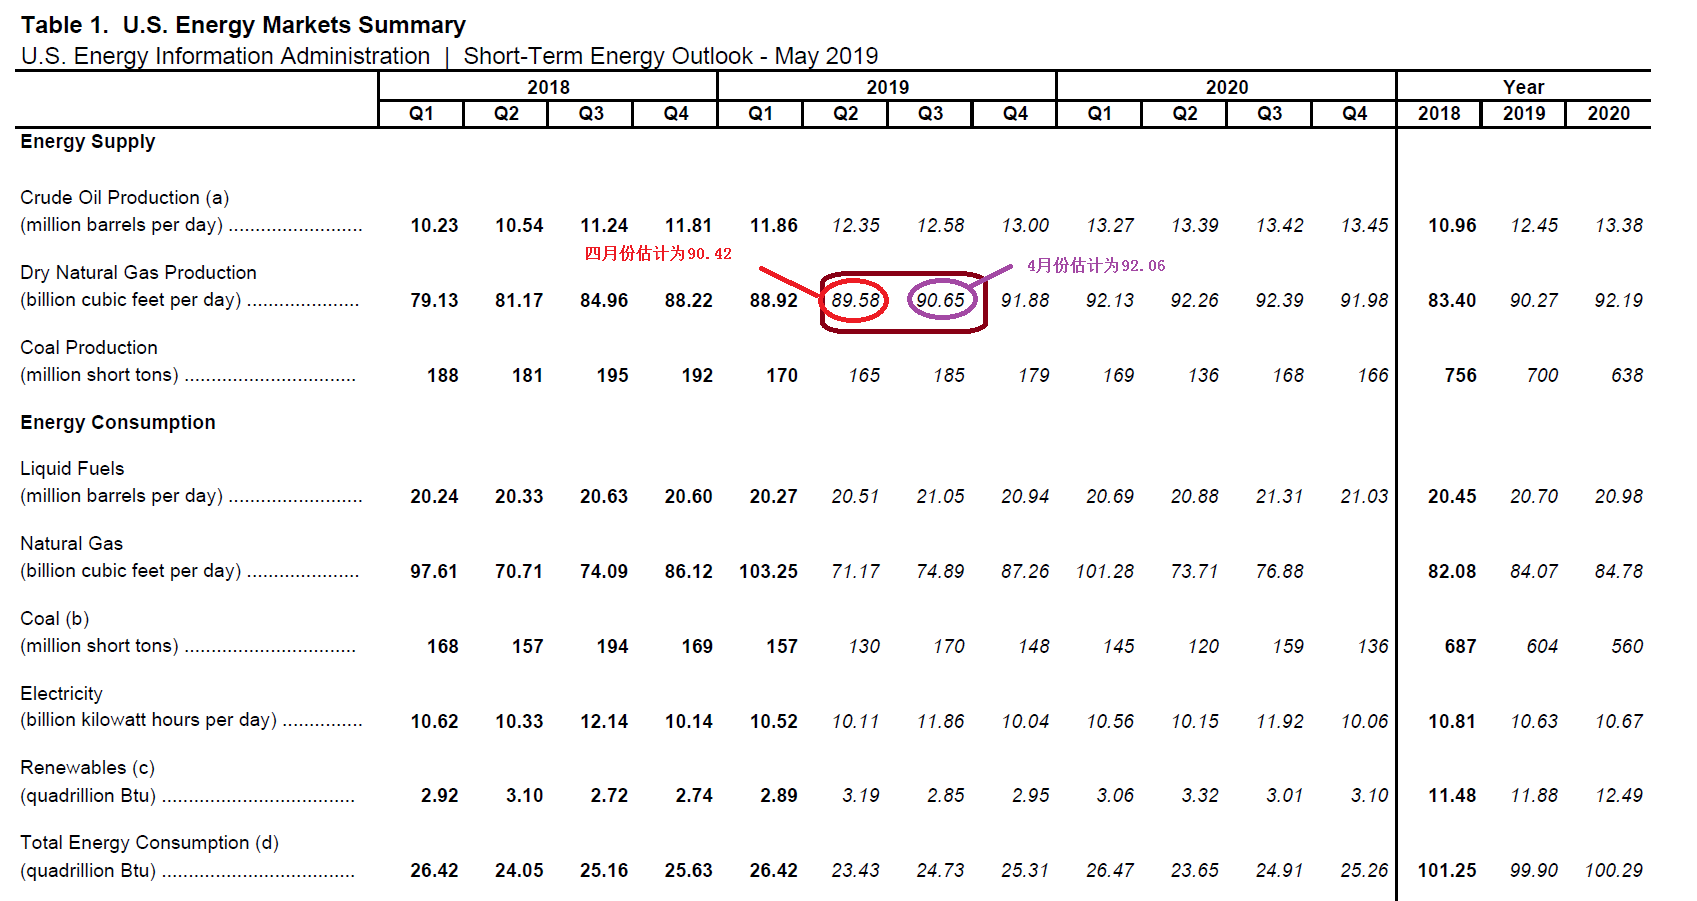 05/09/2019 雅歌评论:原油、天然气、大盘走势短评 (完成)